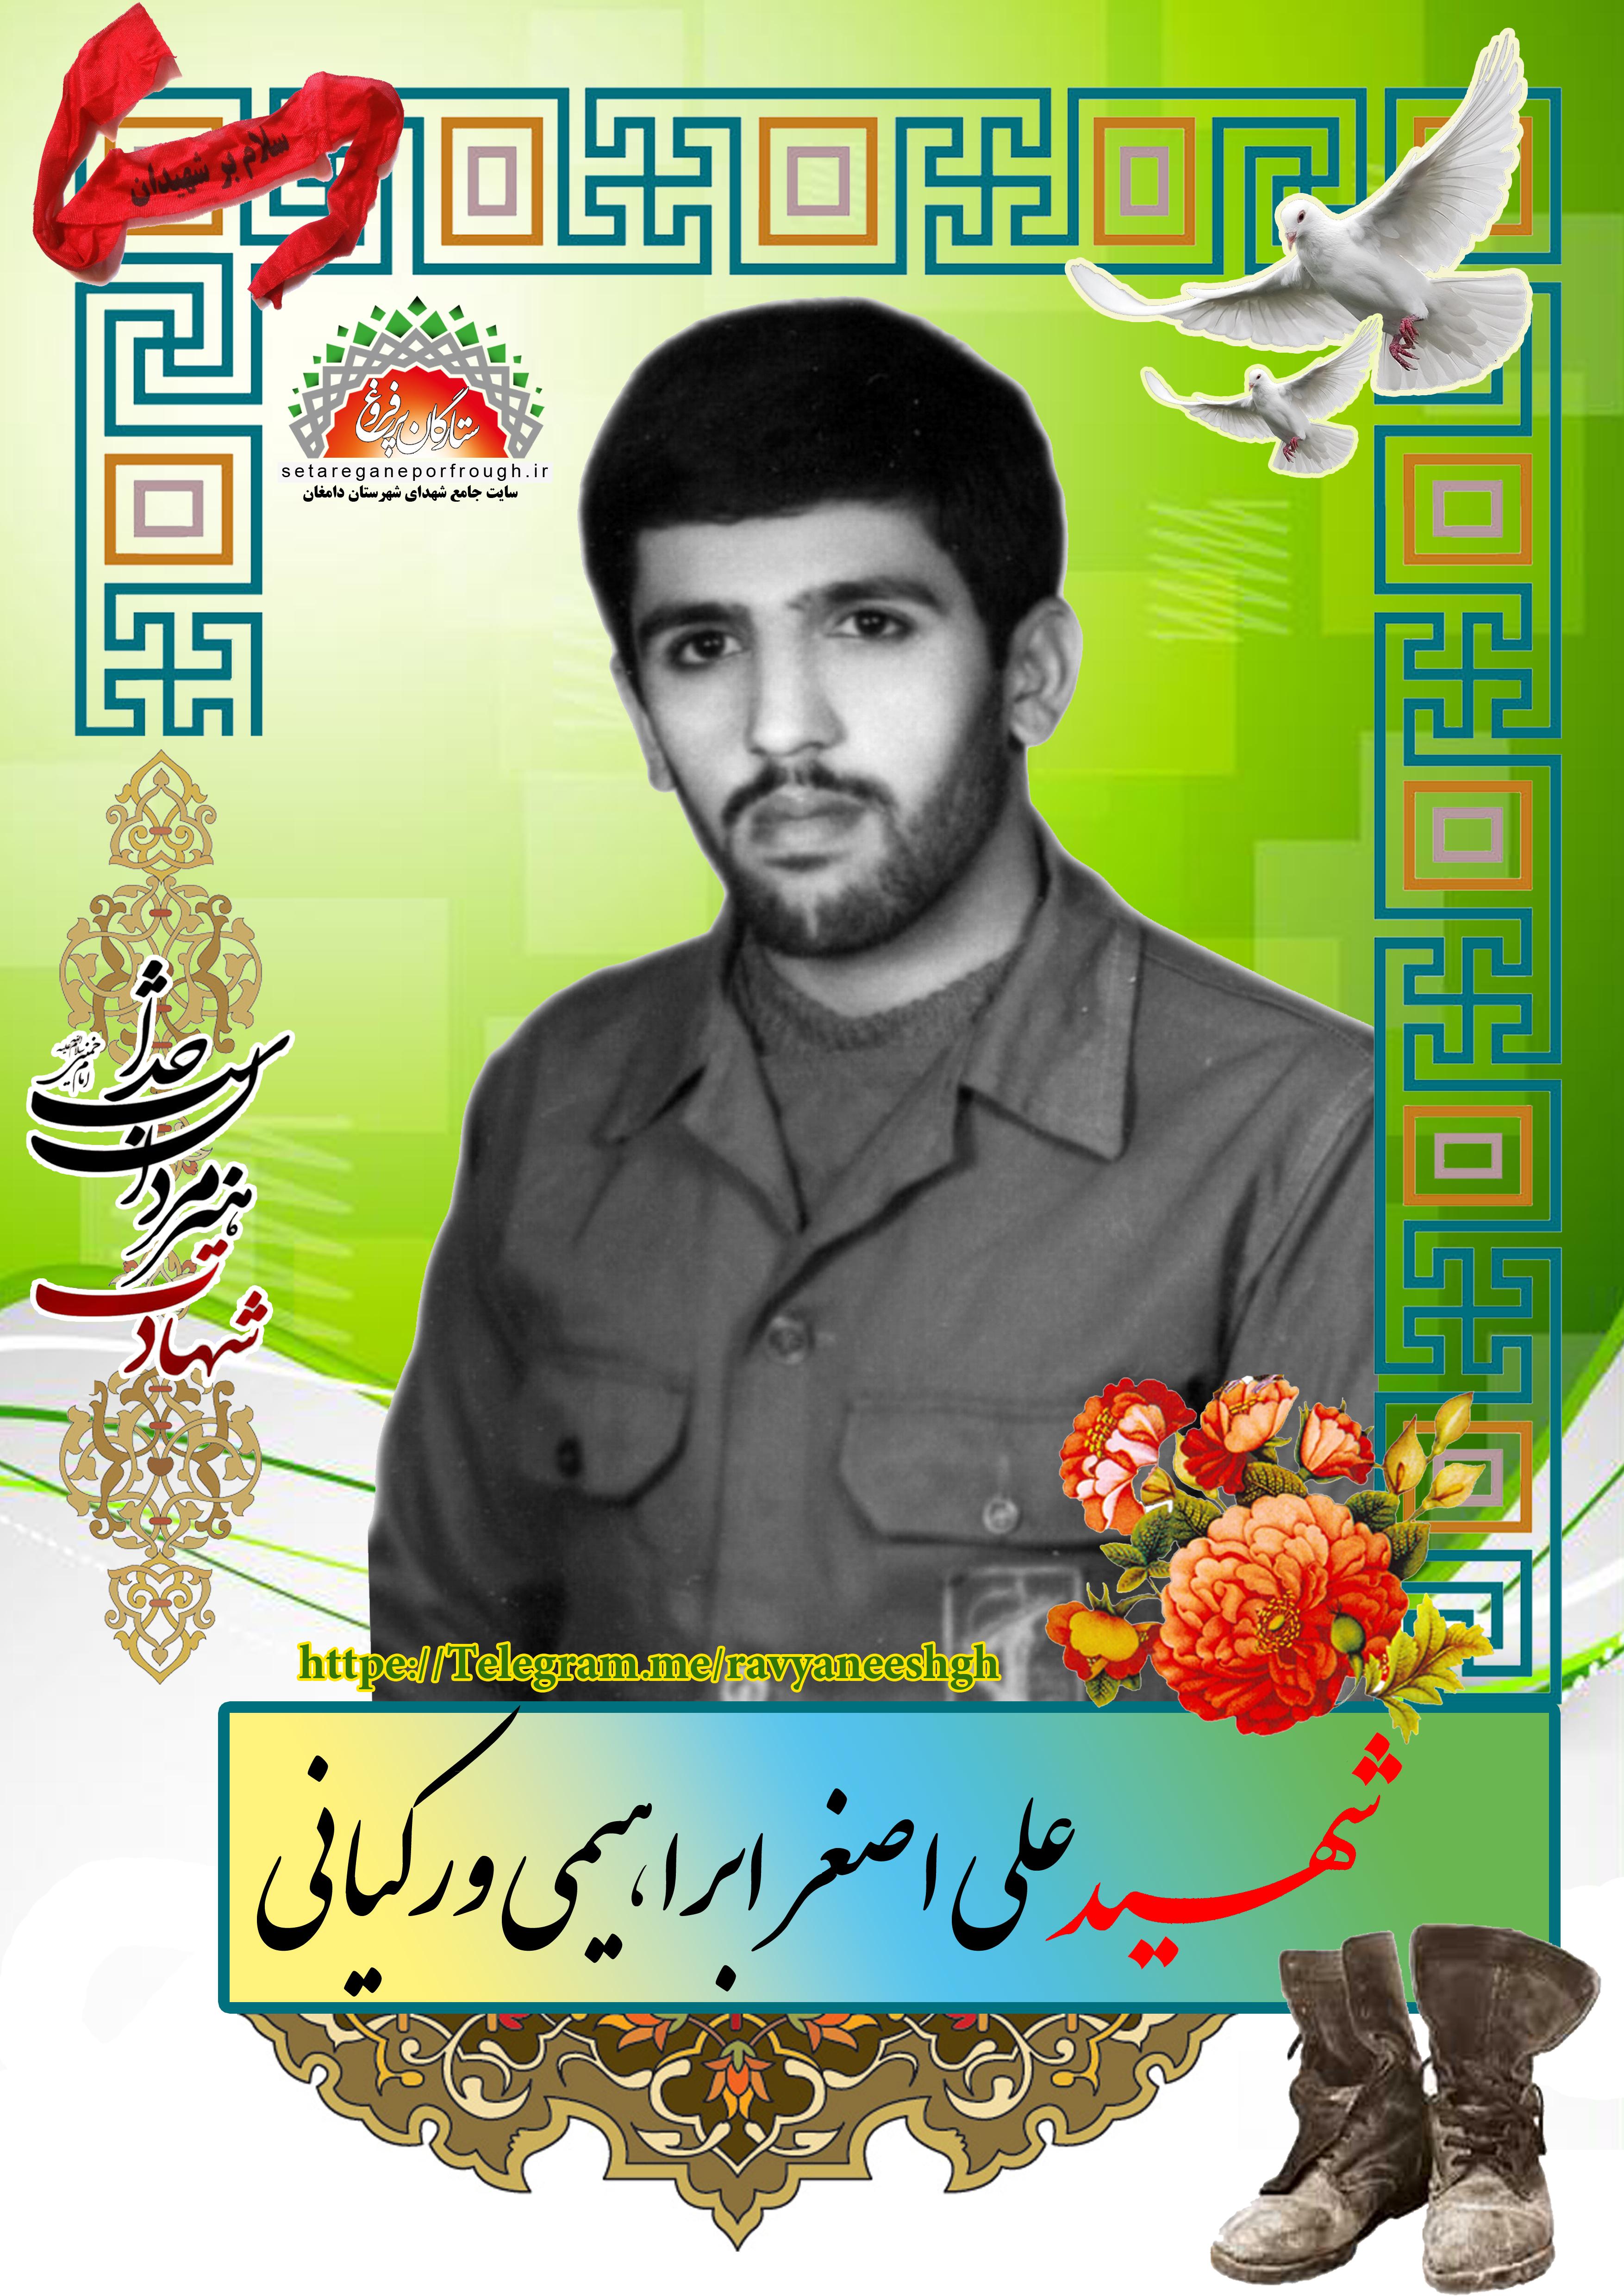 شهید علی اصغر ابراهیمی ورکیانی